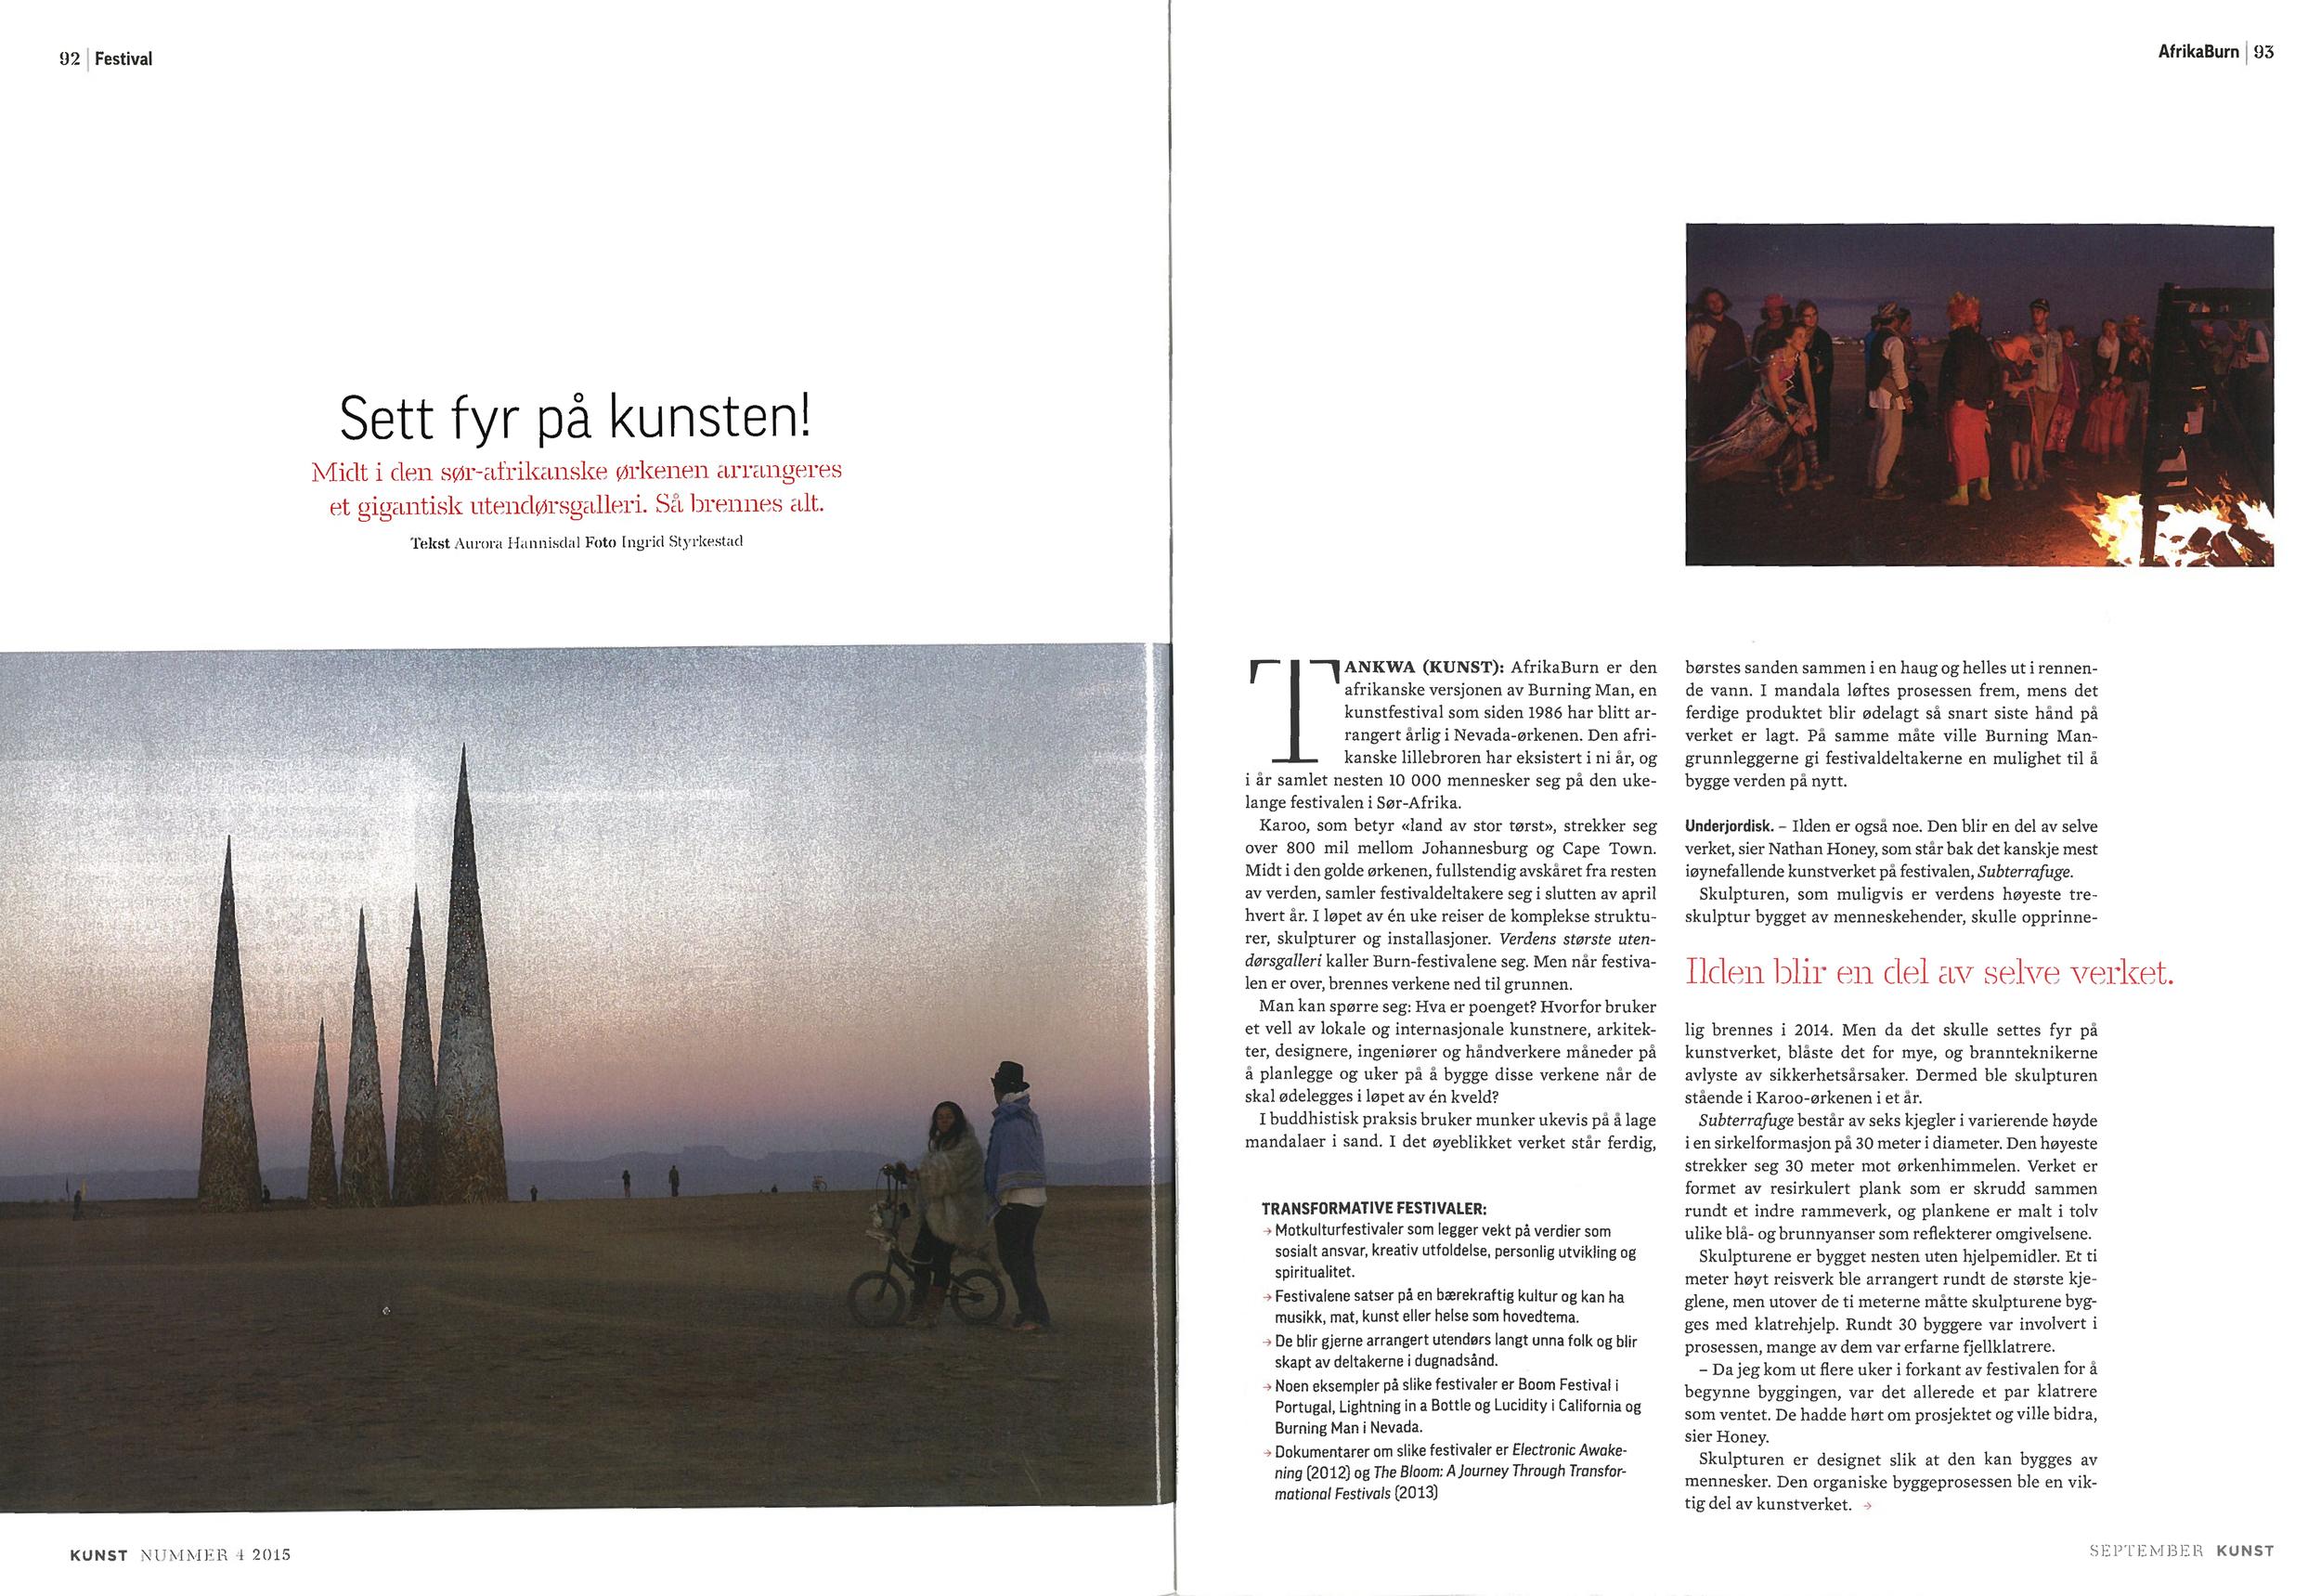 Midt i den sør-afrikanske ørkenen arrangeres et gigantisk utendørsgalleri. Så brennes alt. Artikkel i magasinet Kunst.